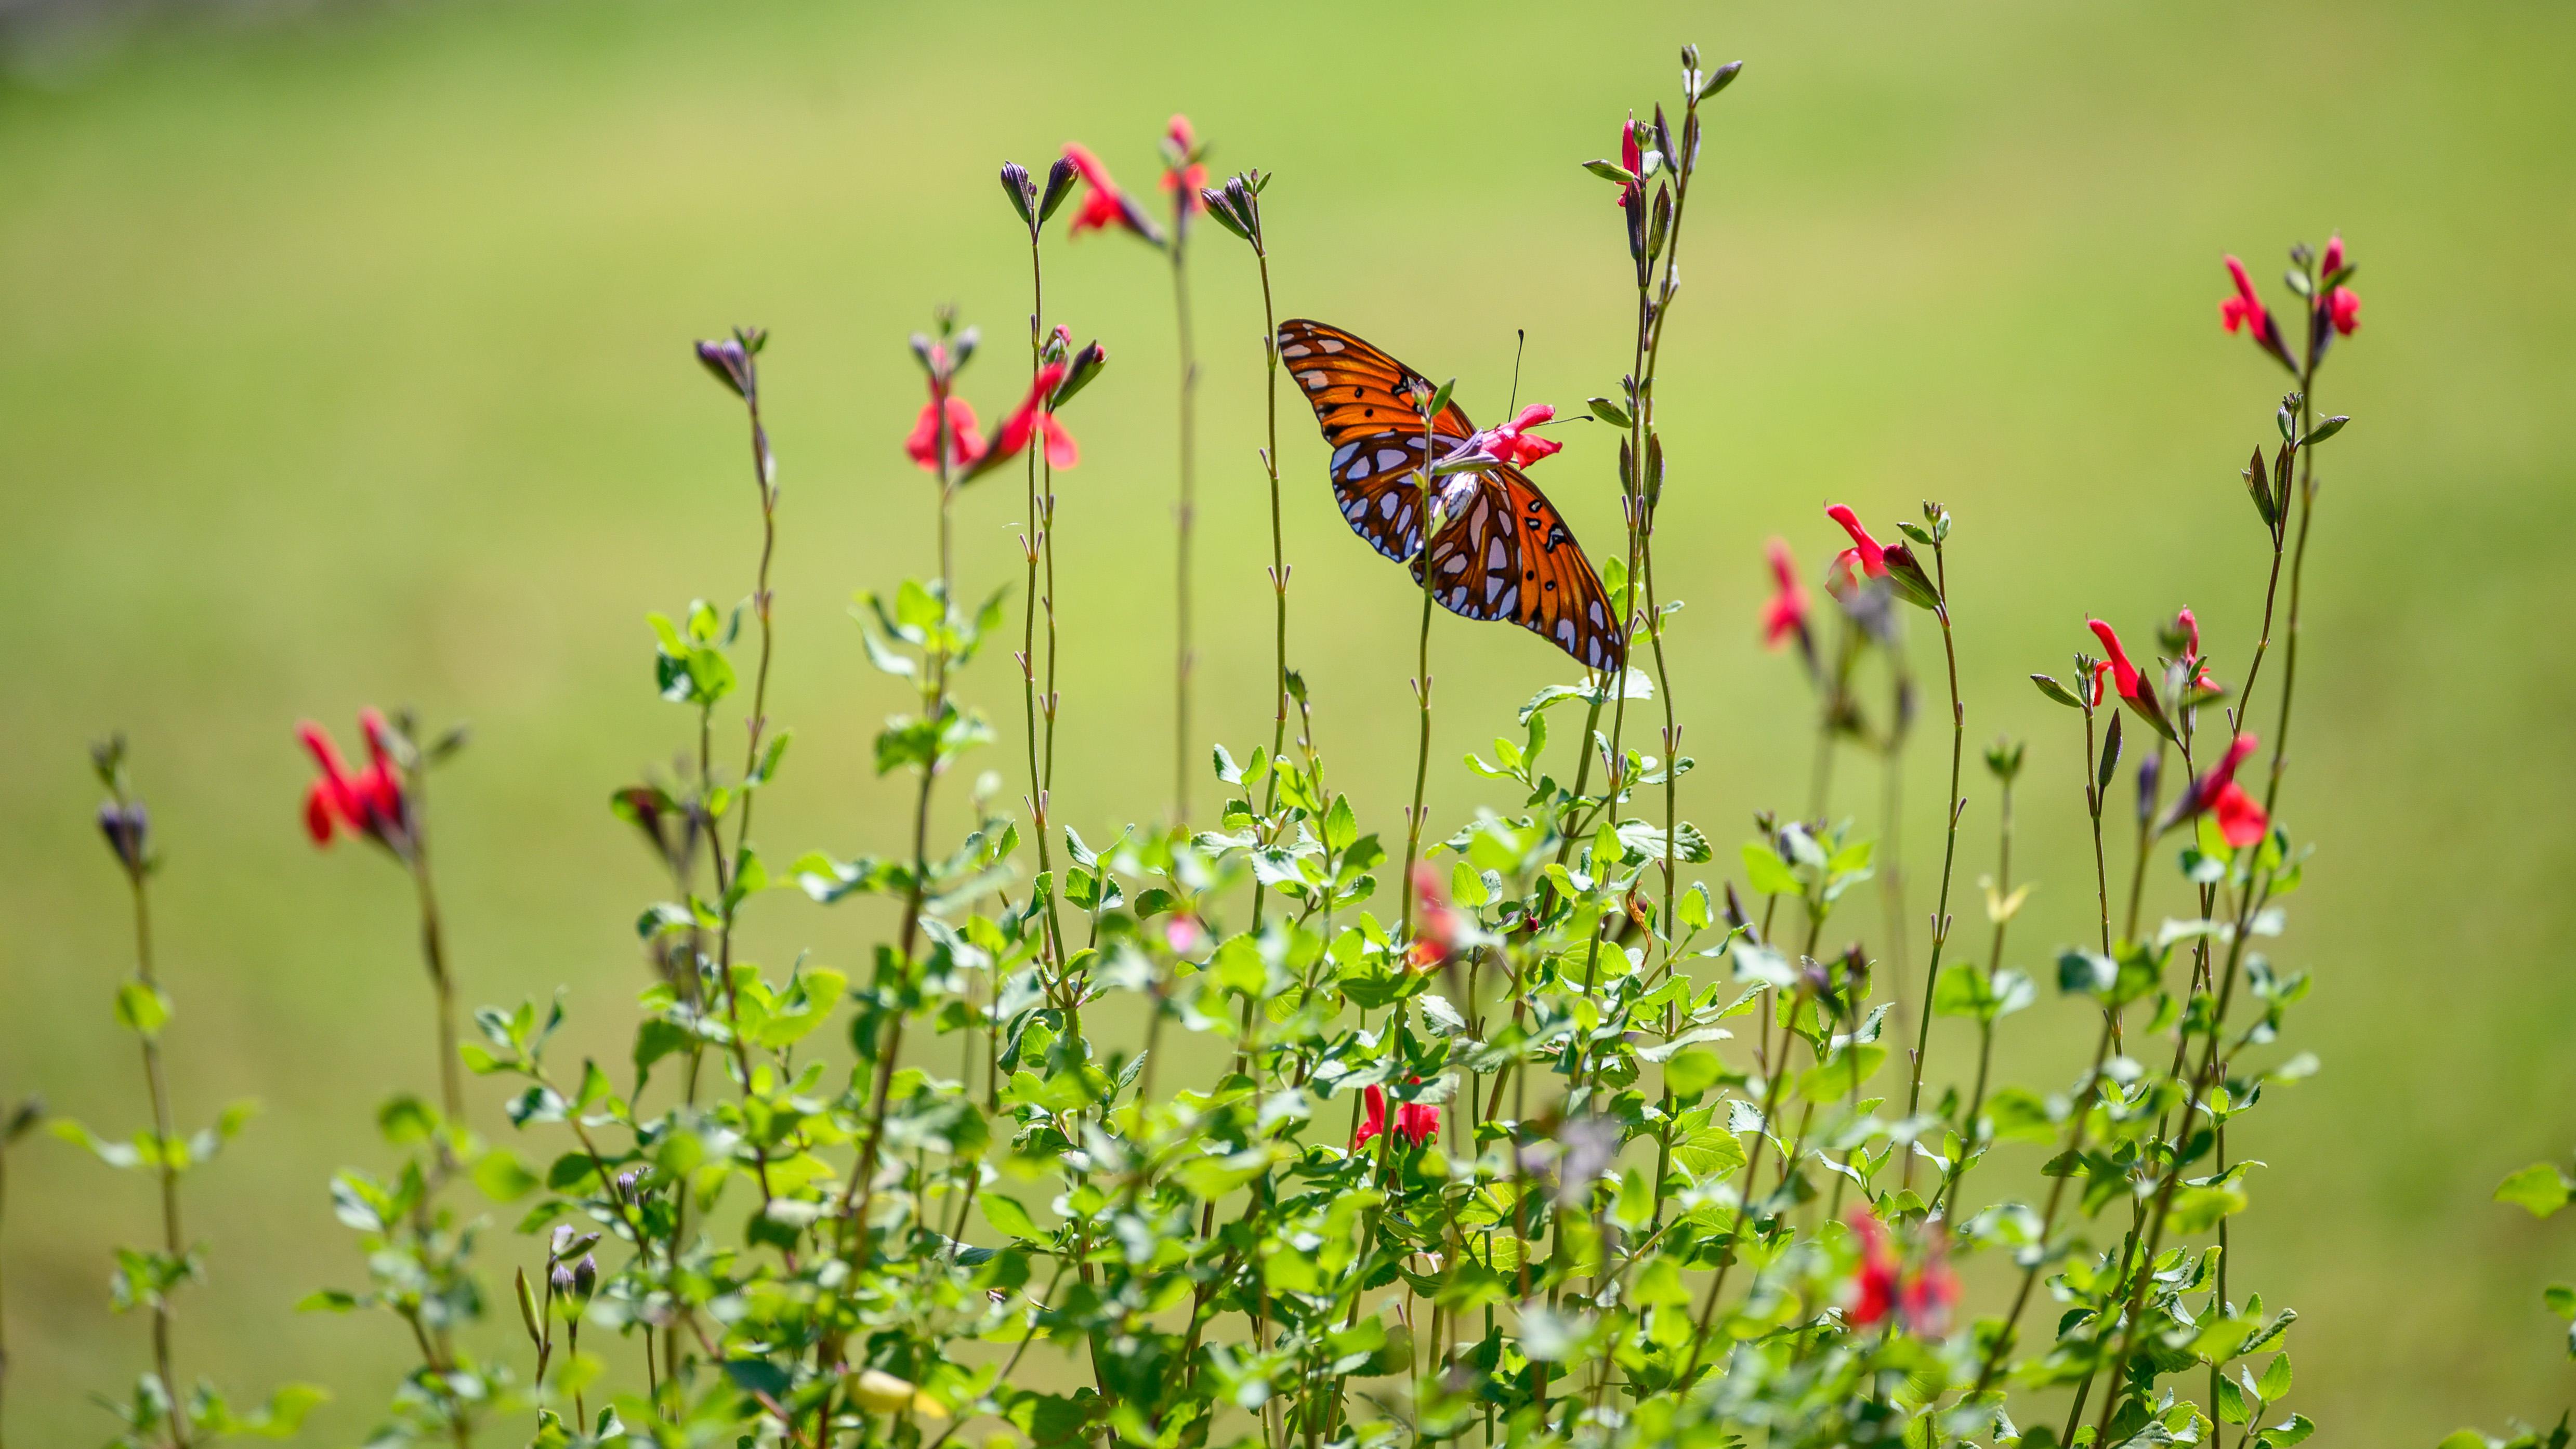 72812 скачать обои Животные, Перламутровая Бабочка, Бабочка, Растения, Цветы - заставки и картинки бесплатно